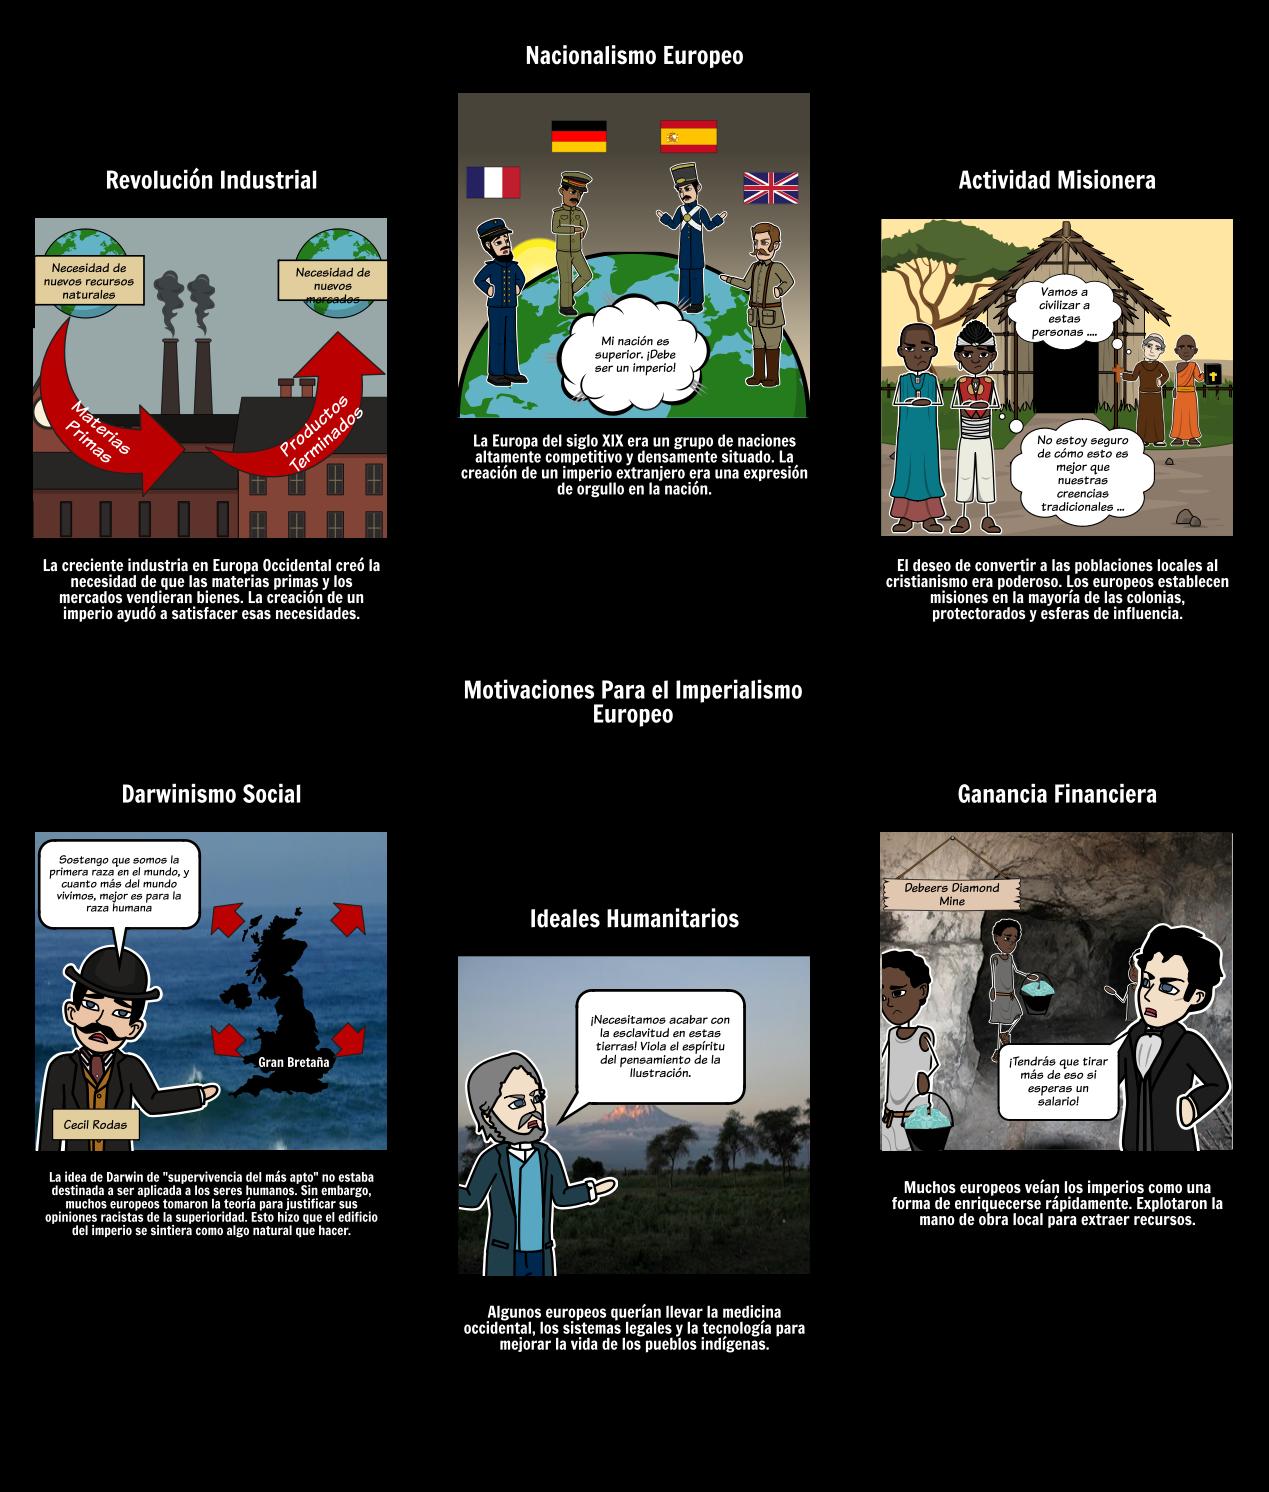 La Historia del Imperialismo - Motivaciones Para el Imperialismo Europeo